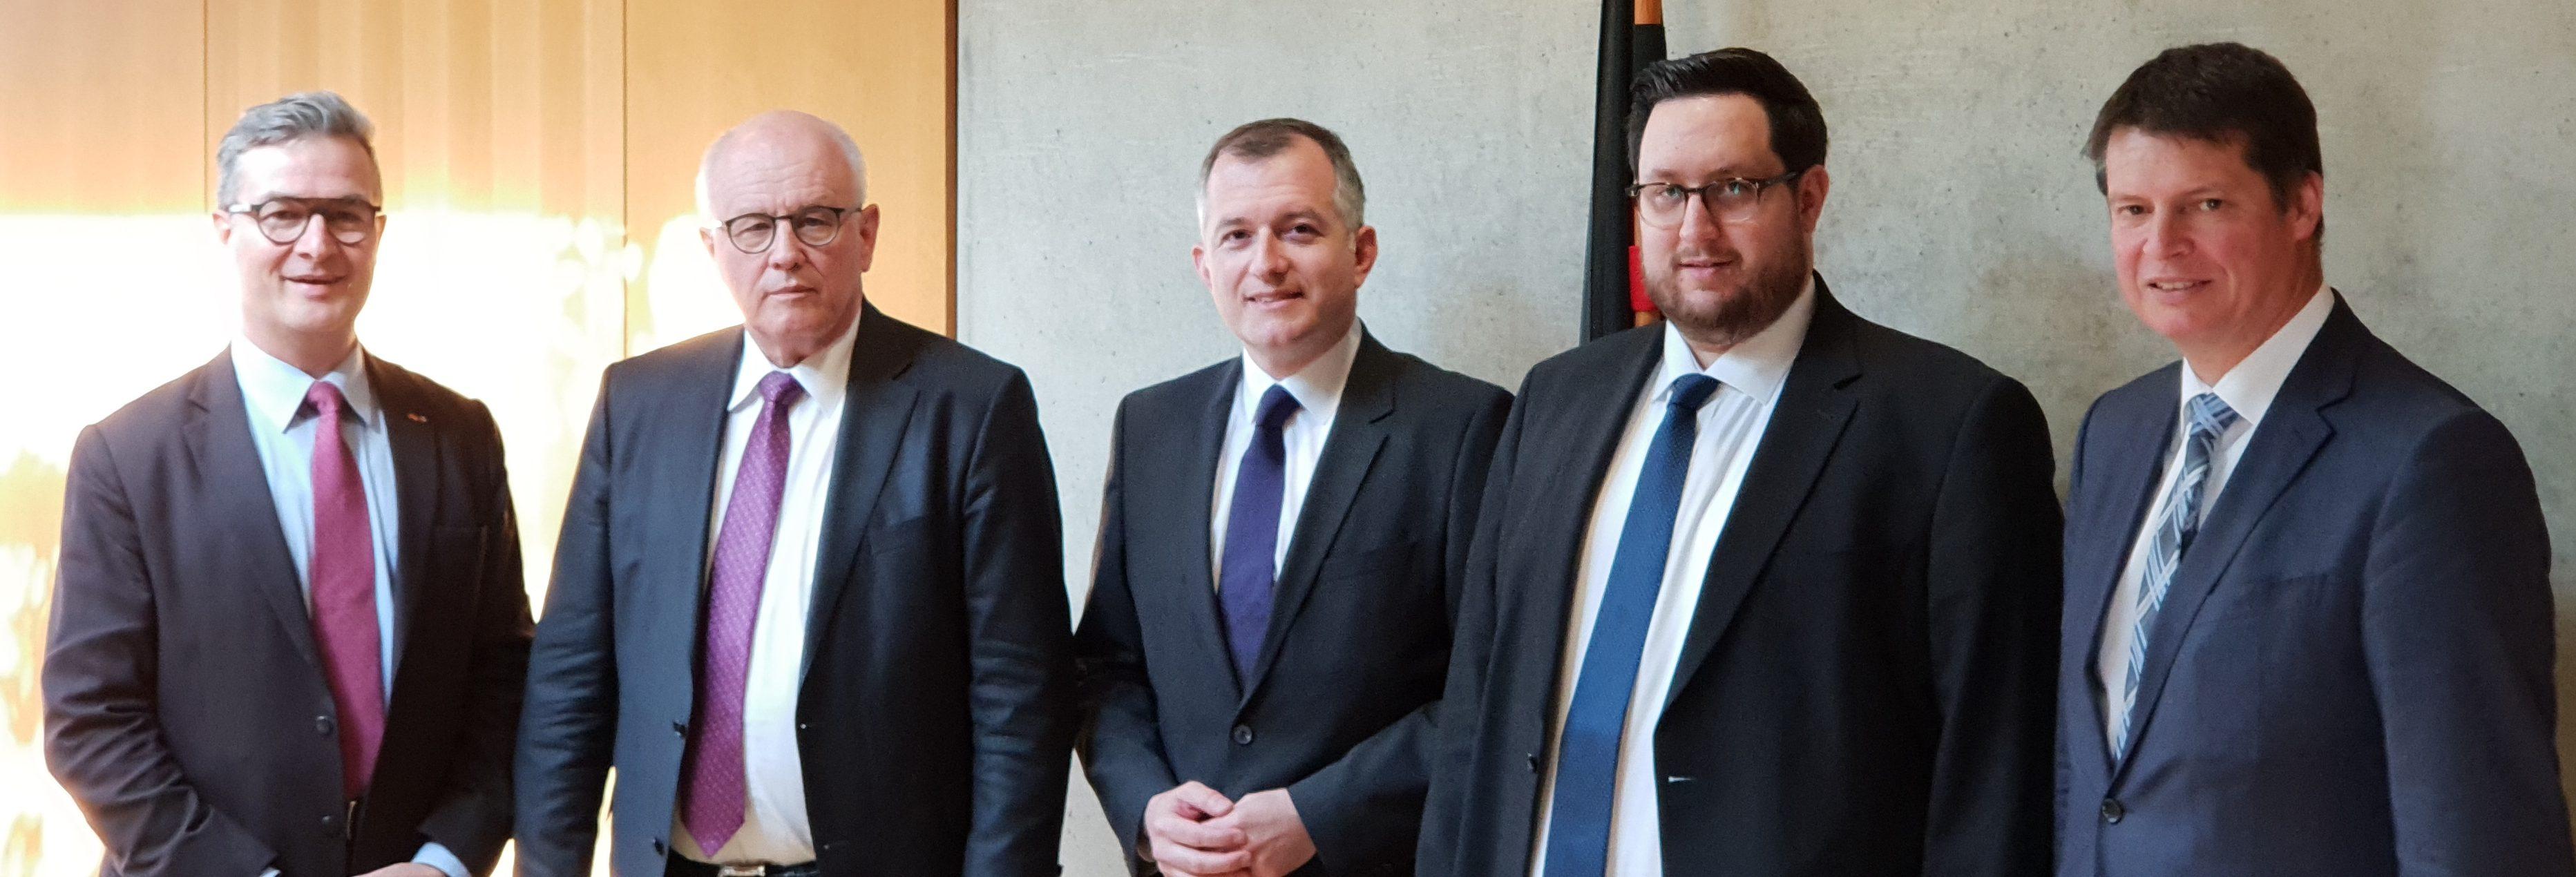 Termin bei Volker Kauder, Vorsitzender der CDU/CSU-Bundestagsfraktion